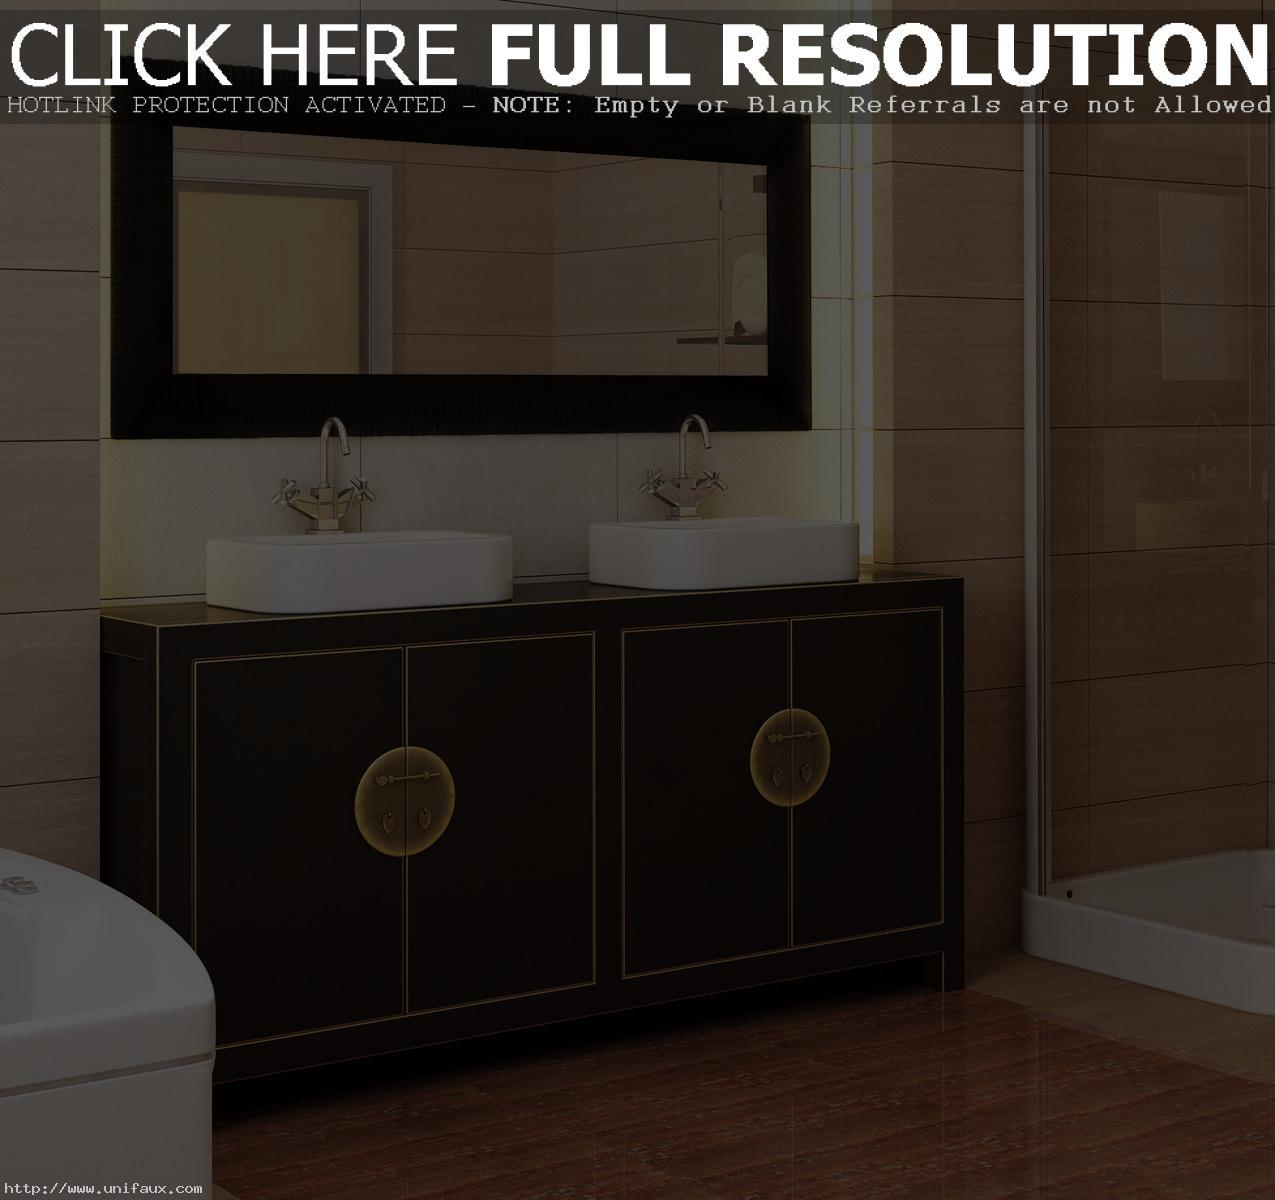 white-and-cream-tile-combine-vintage-bathroom-ideas-with-dark-wood-vanity-white-sink-on-laminate-wood-floor-in-fascinating-bathroom